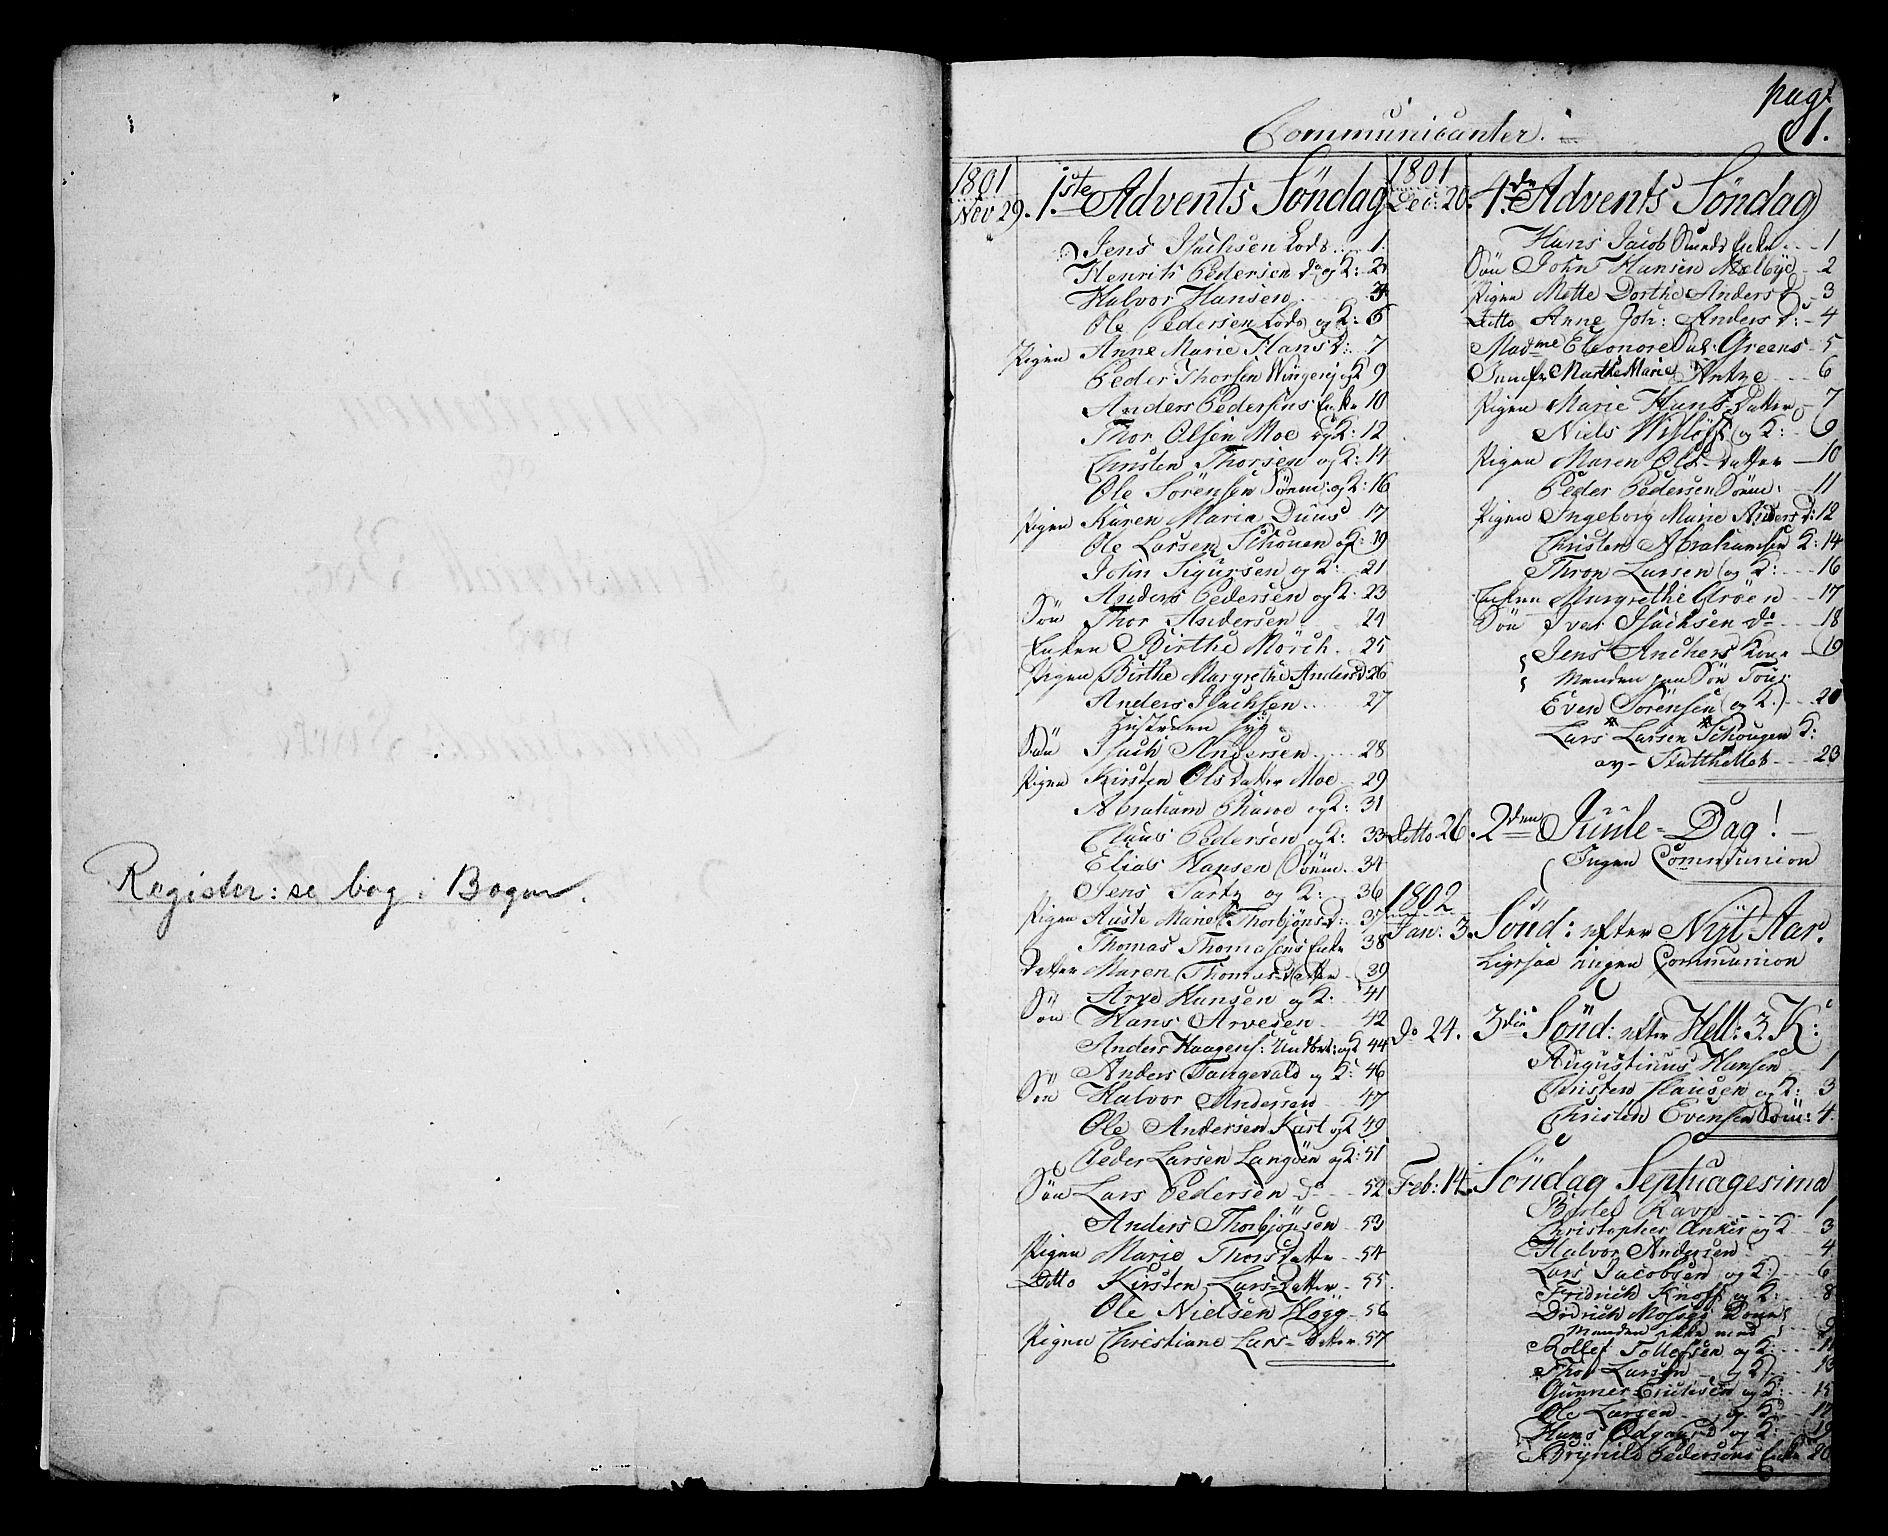 SAKO, Langesund kirkebøker, G/Ga/L0002: Klokkerbok nr. 2, 1801-1815, s. 1